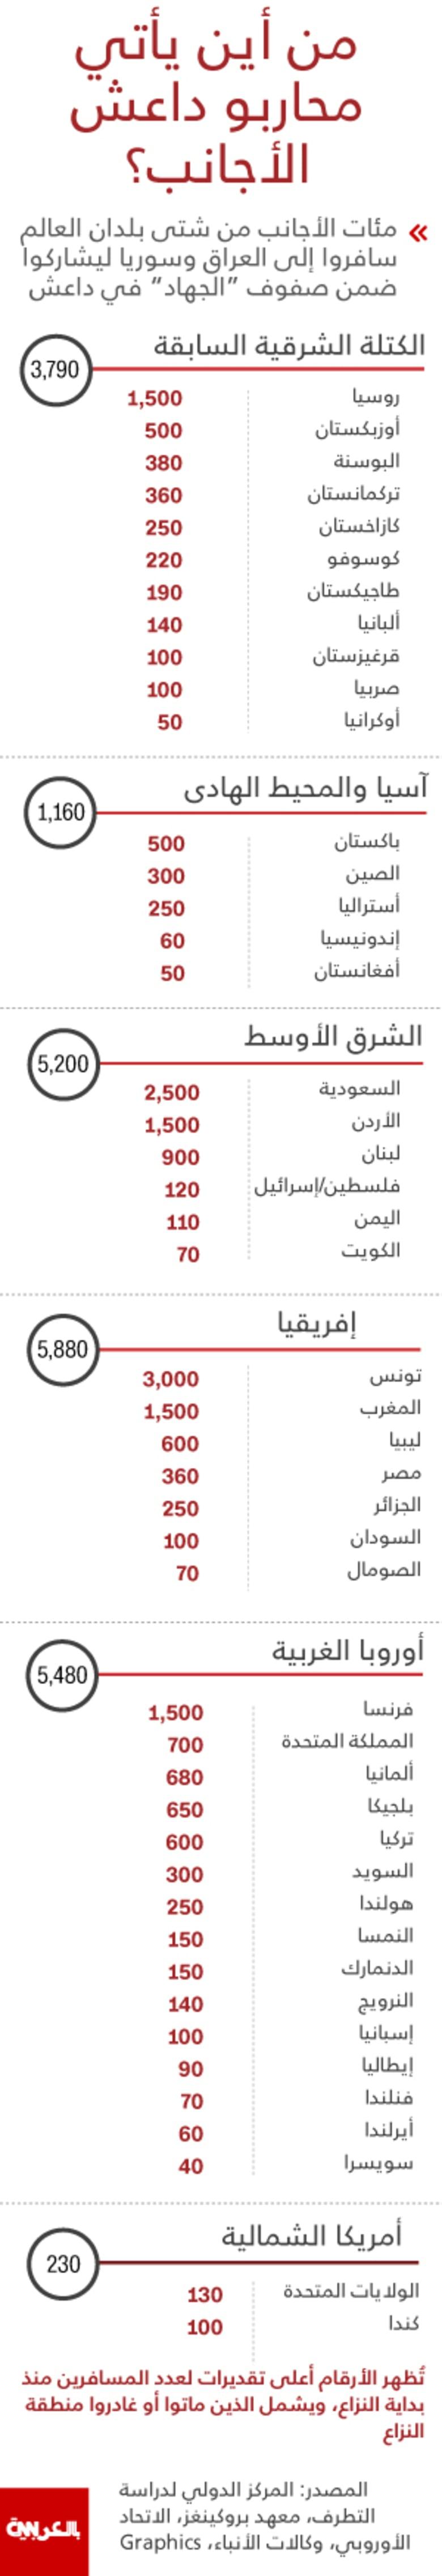 آخر الأرقام.. من أين يأتي مقاتلو تنظيم داعش الأجانب؟